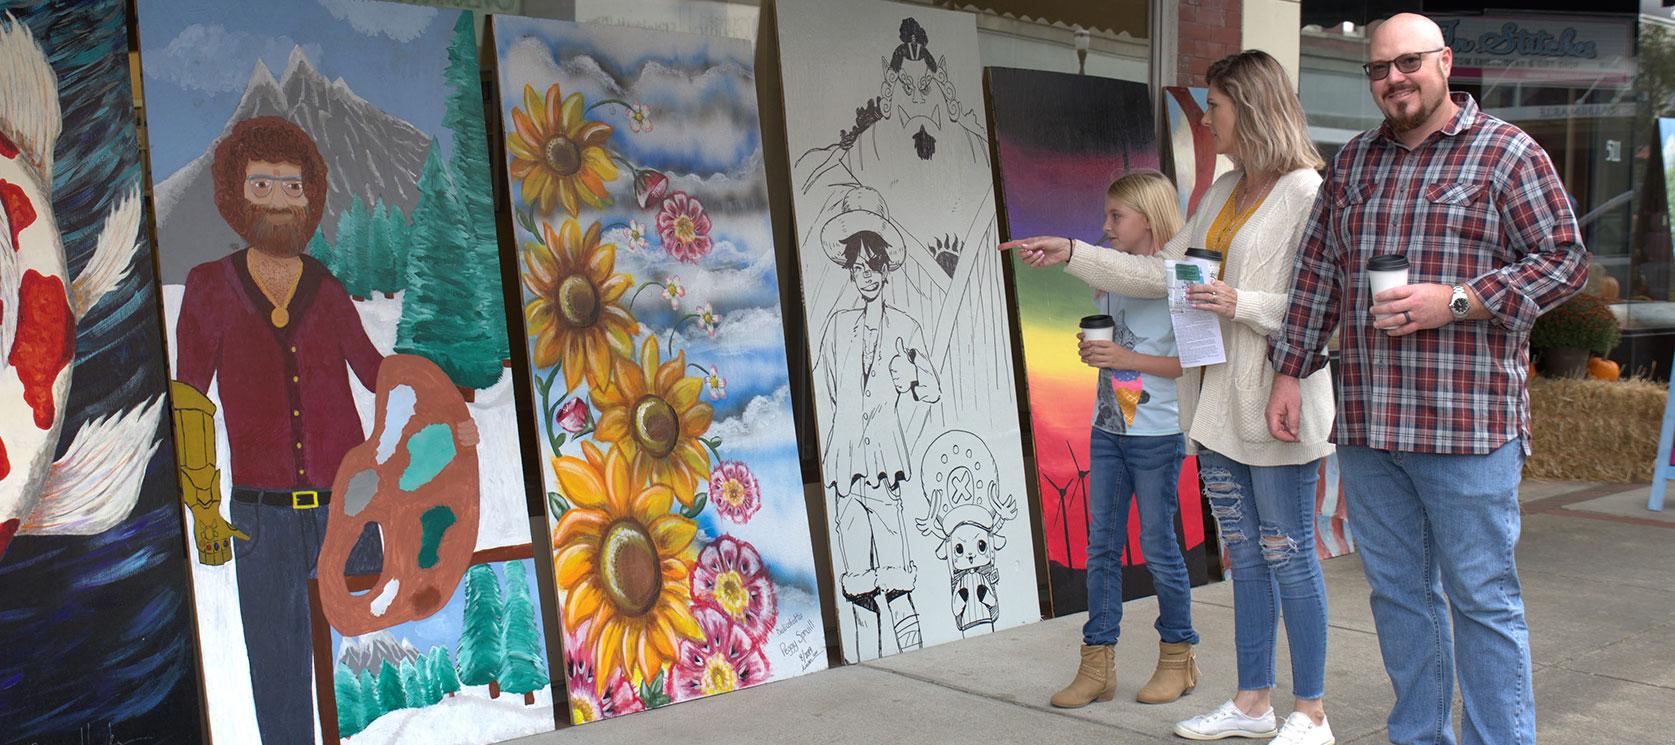 admiring street art at first friday artwalk, Elizabeth city, North Carolina